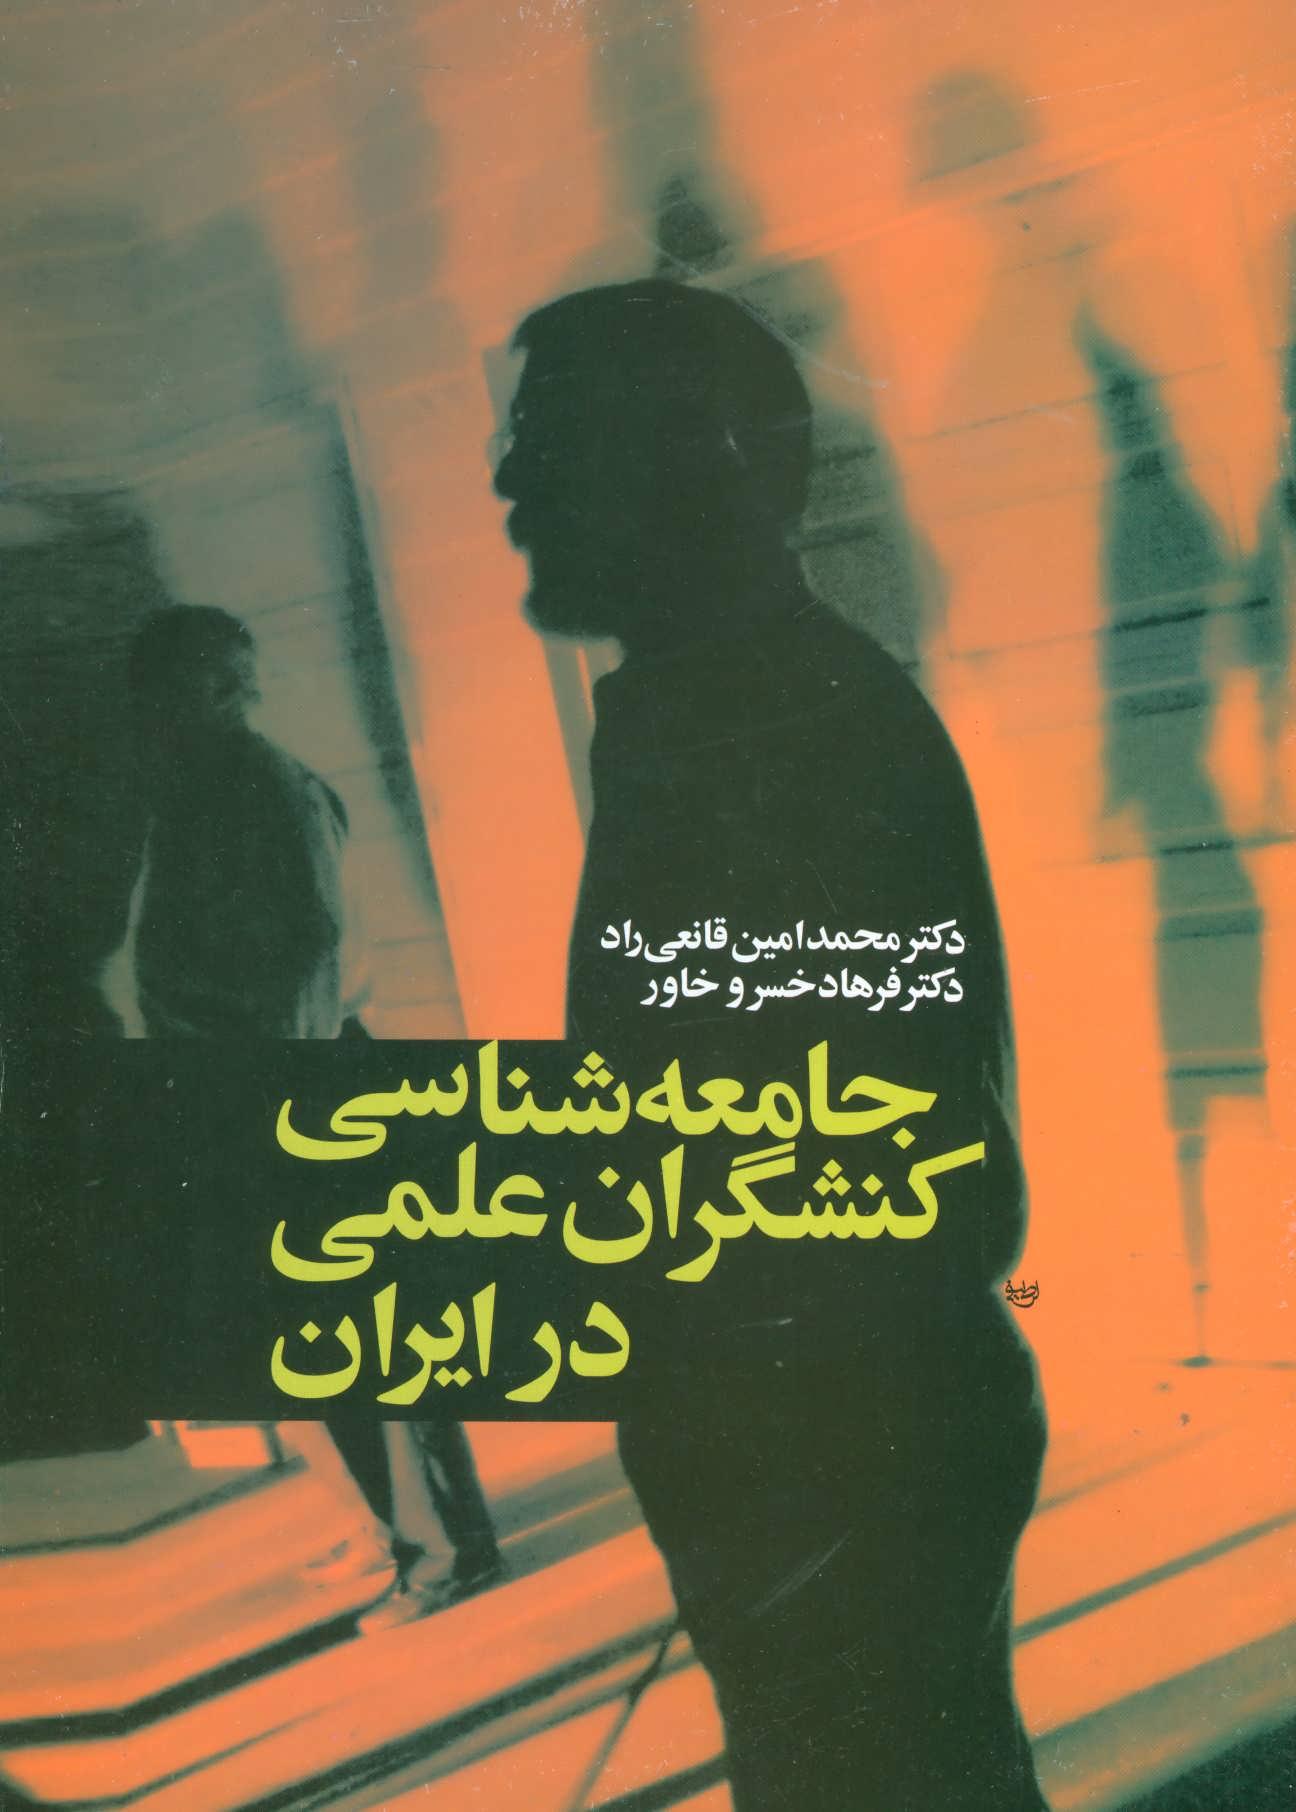 کتاب جامعهشناسی کنشگران علمی در ایران